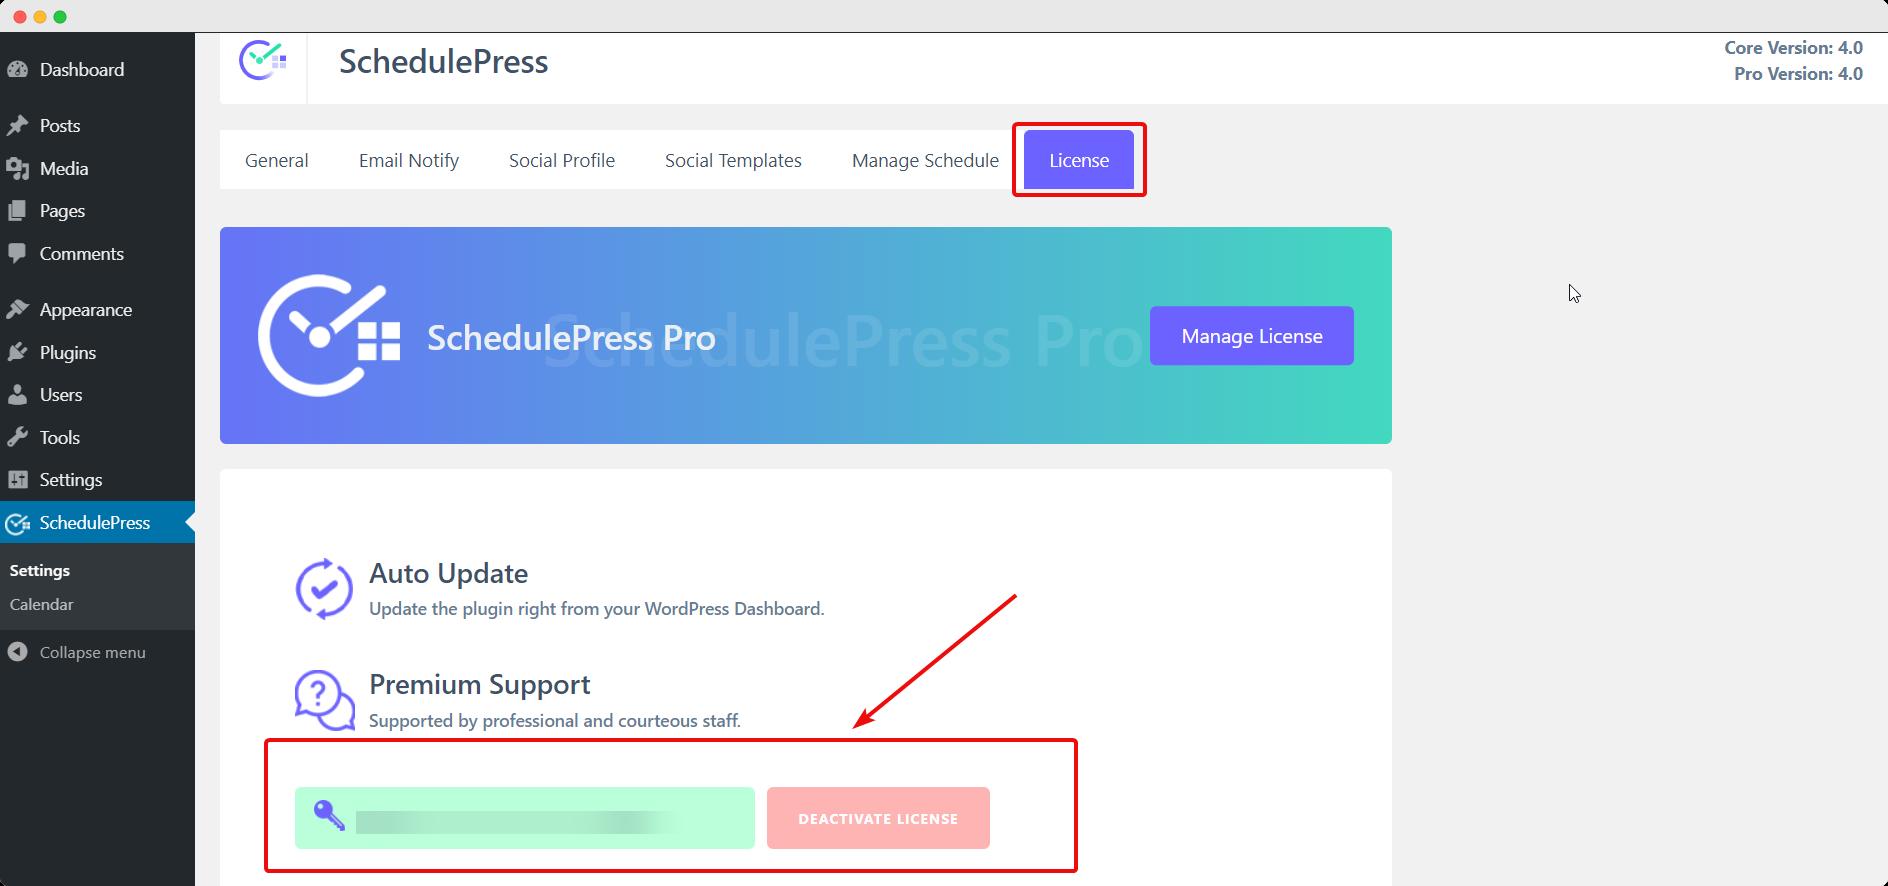 activate SchedulePress Pro license